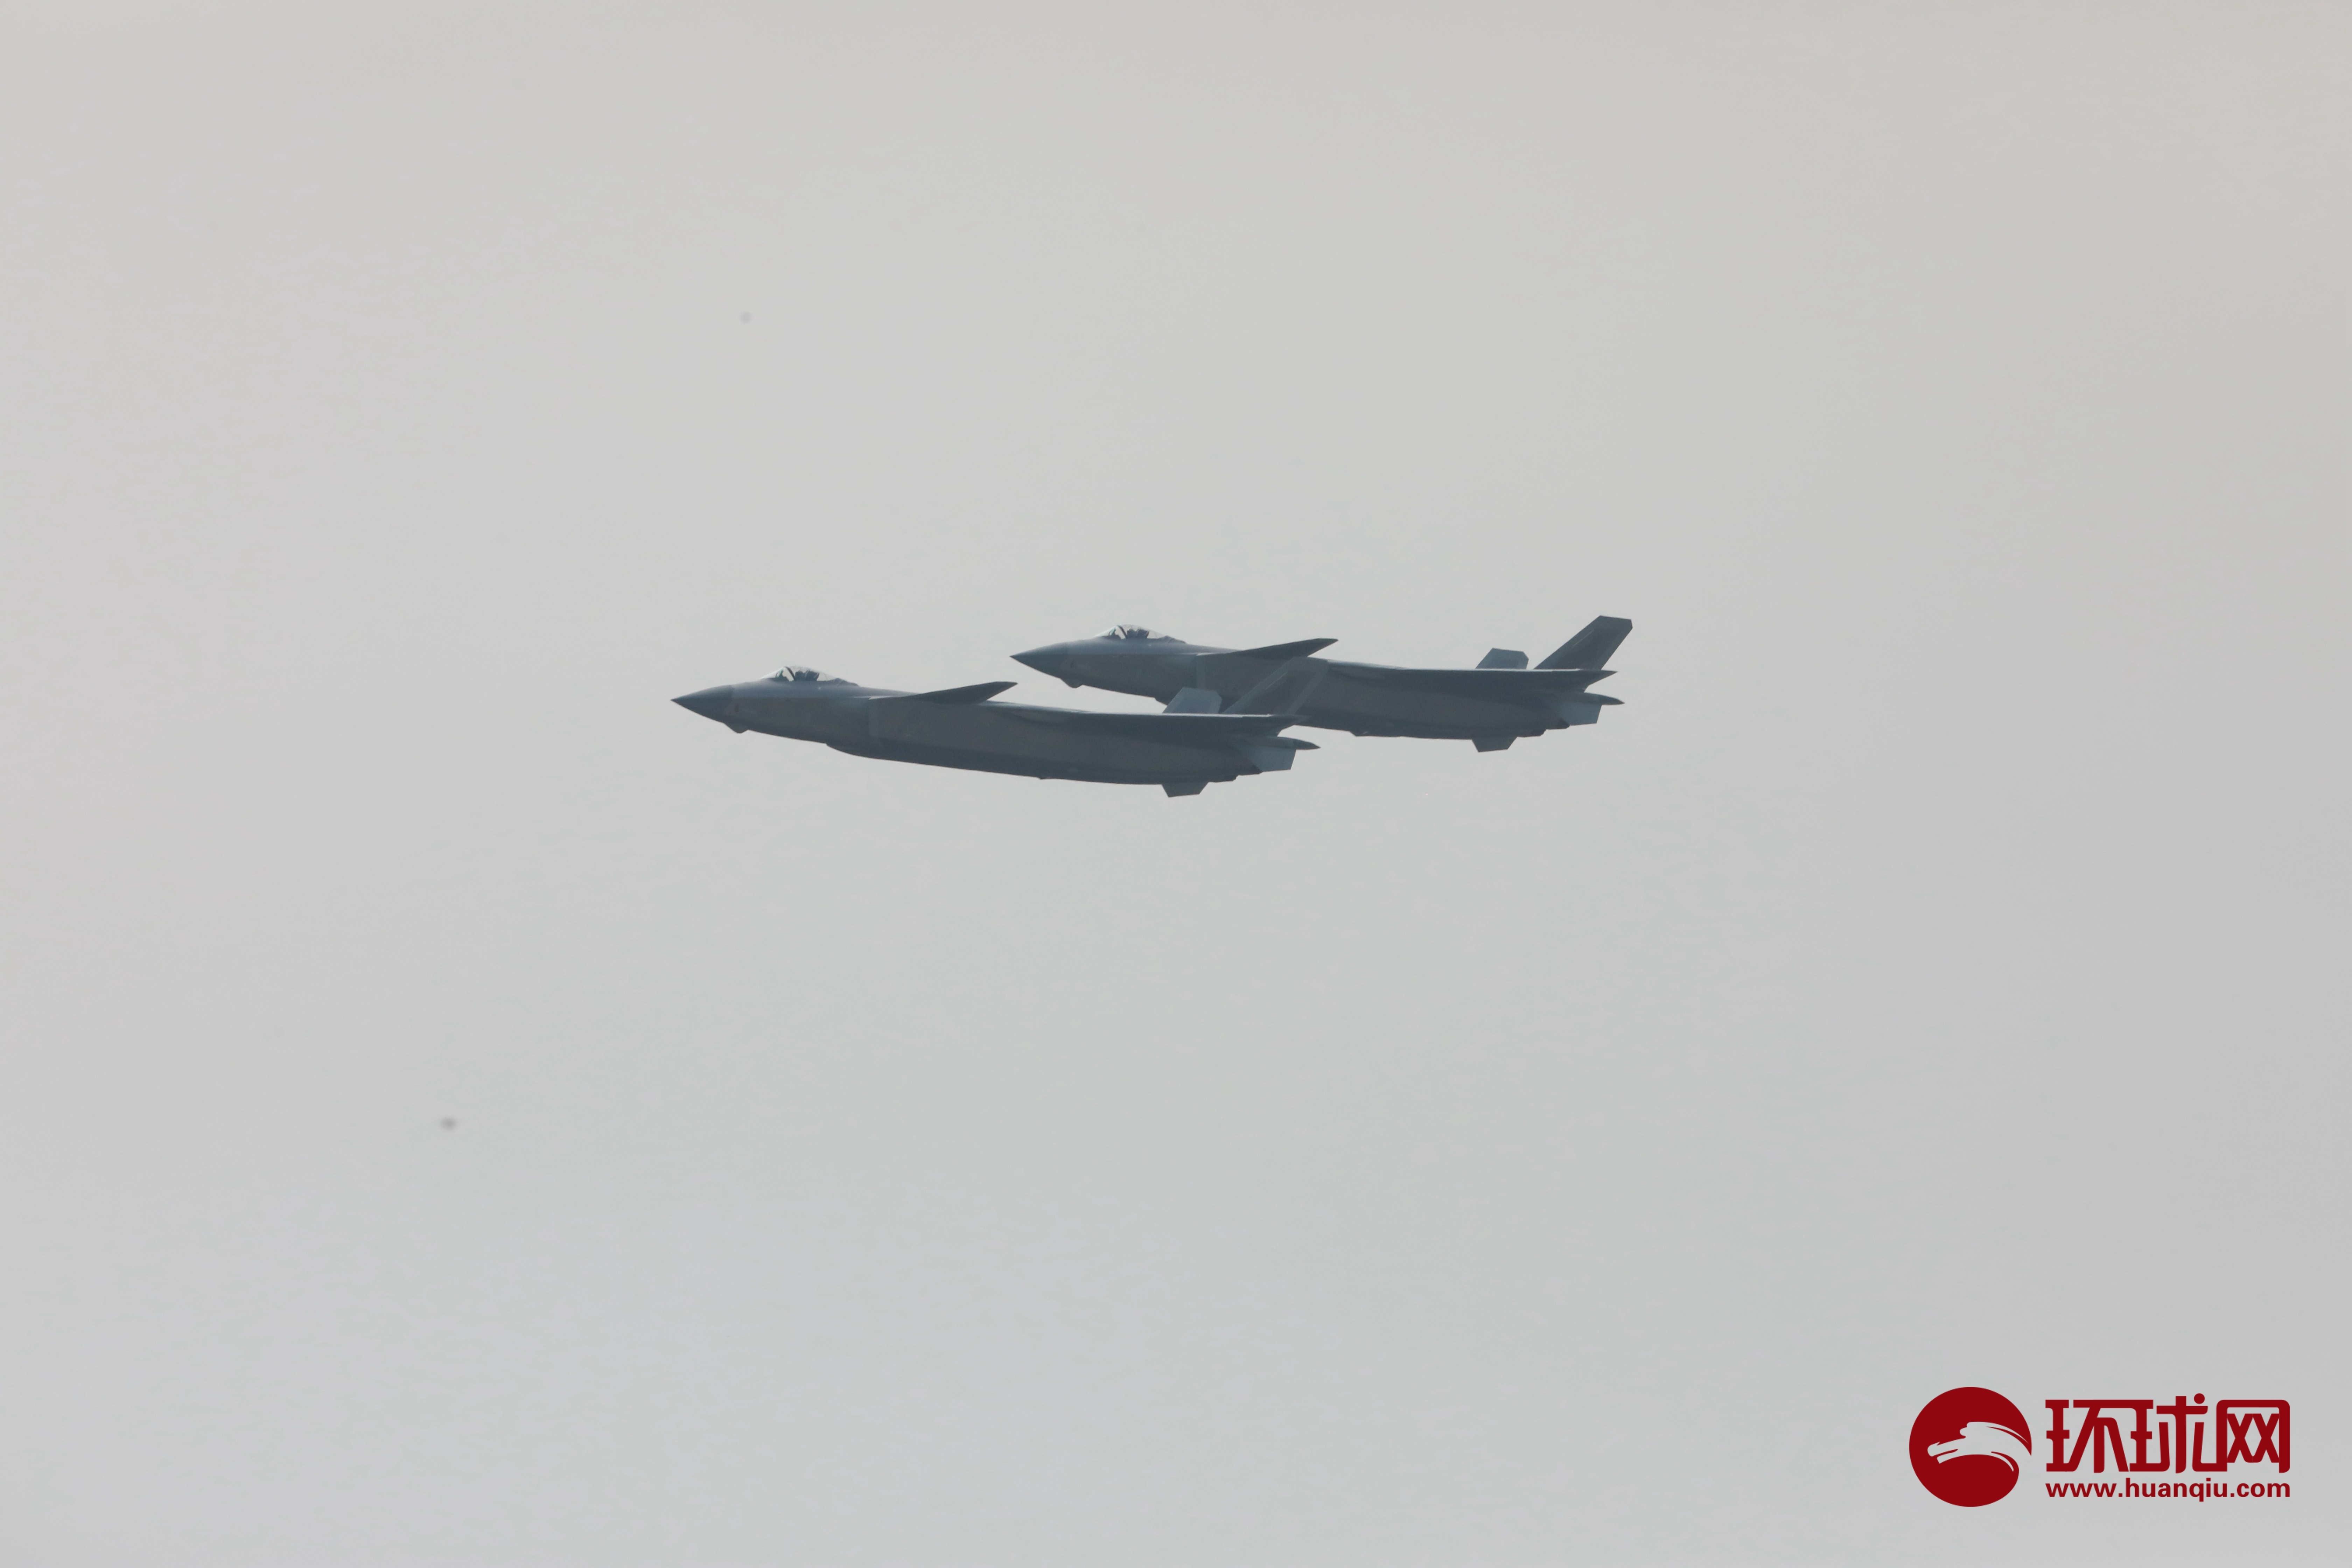 【环球网报道】9月28日,第十三届中国航展开幕,中国空军歼20战机到场献技。首先两架歼20编队以100米超低空掠过,时速750公里,随后一机爬升脱离编队,另一架水平机动转向,以300米半径盘旋,展示出色的机动性。